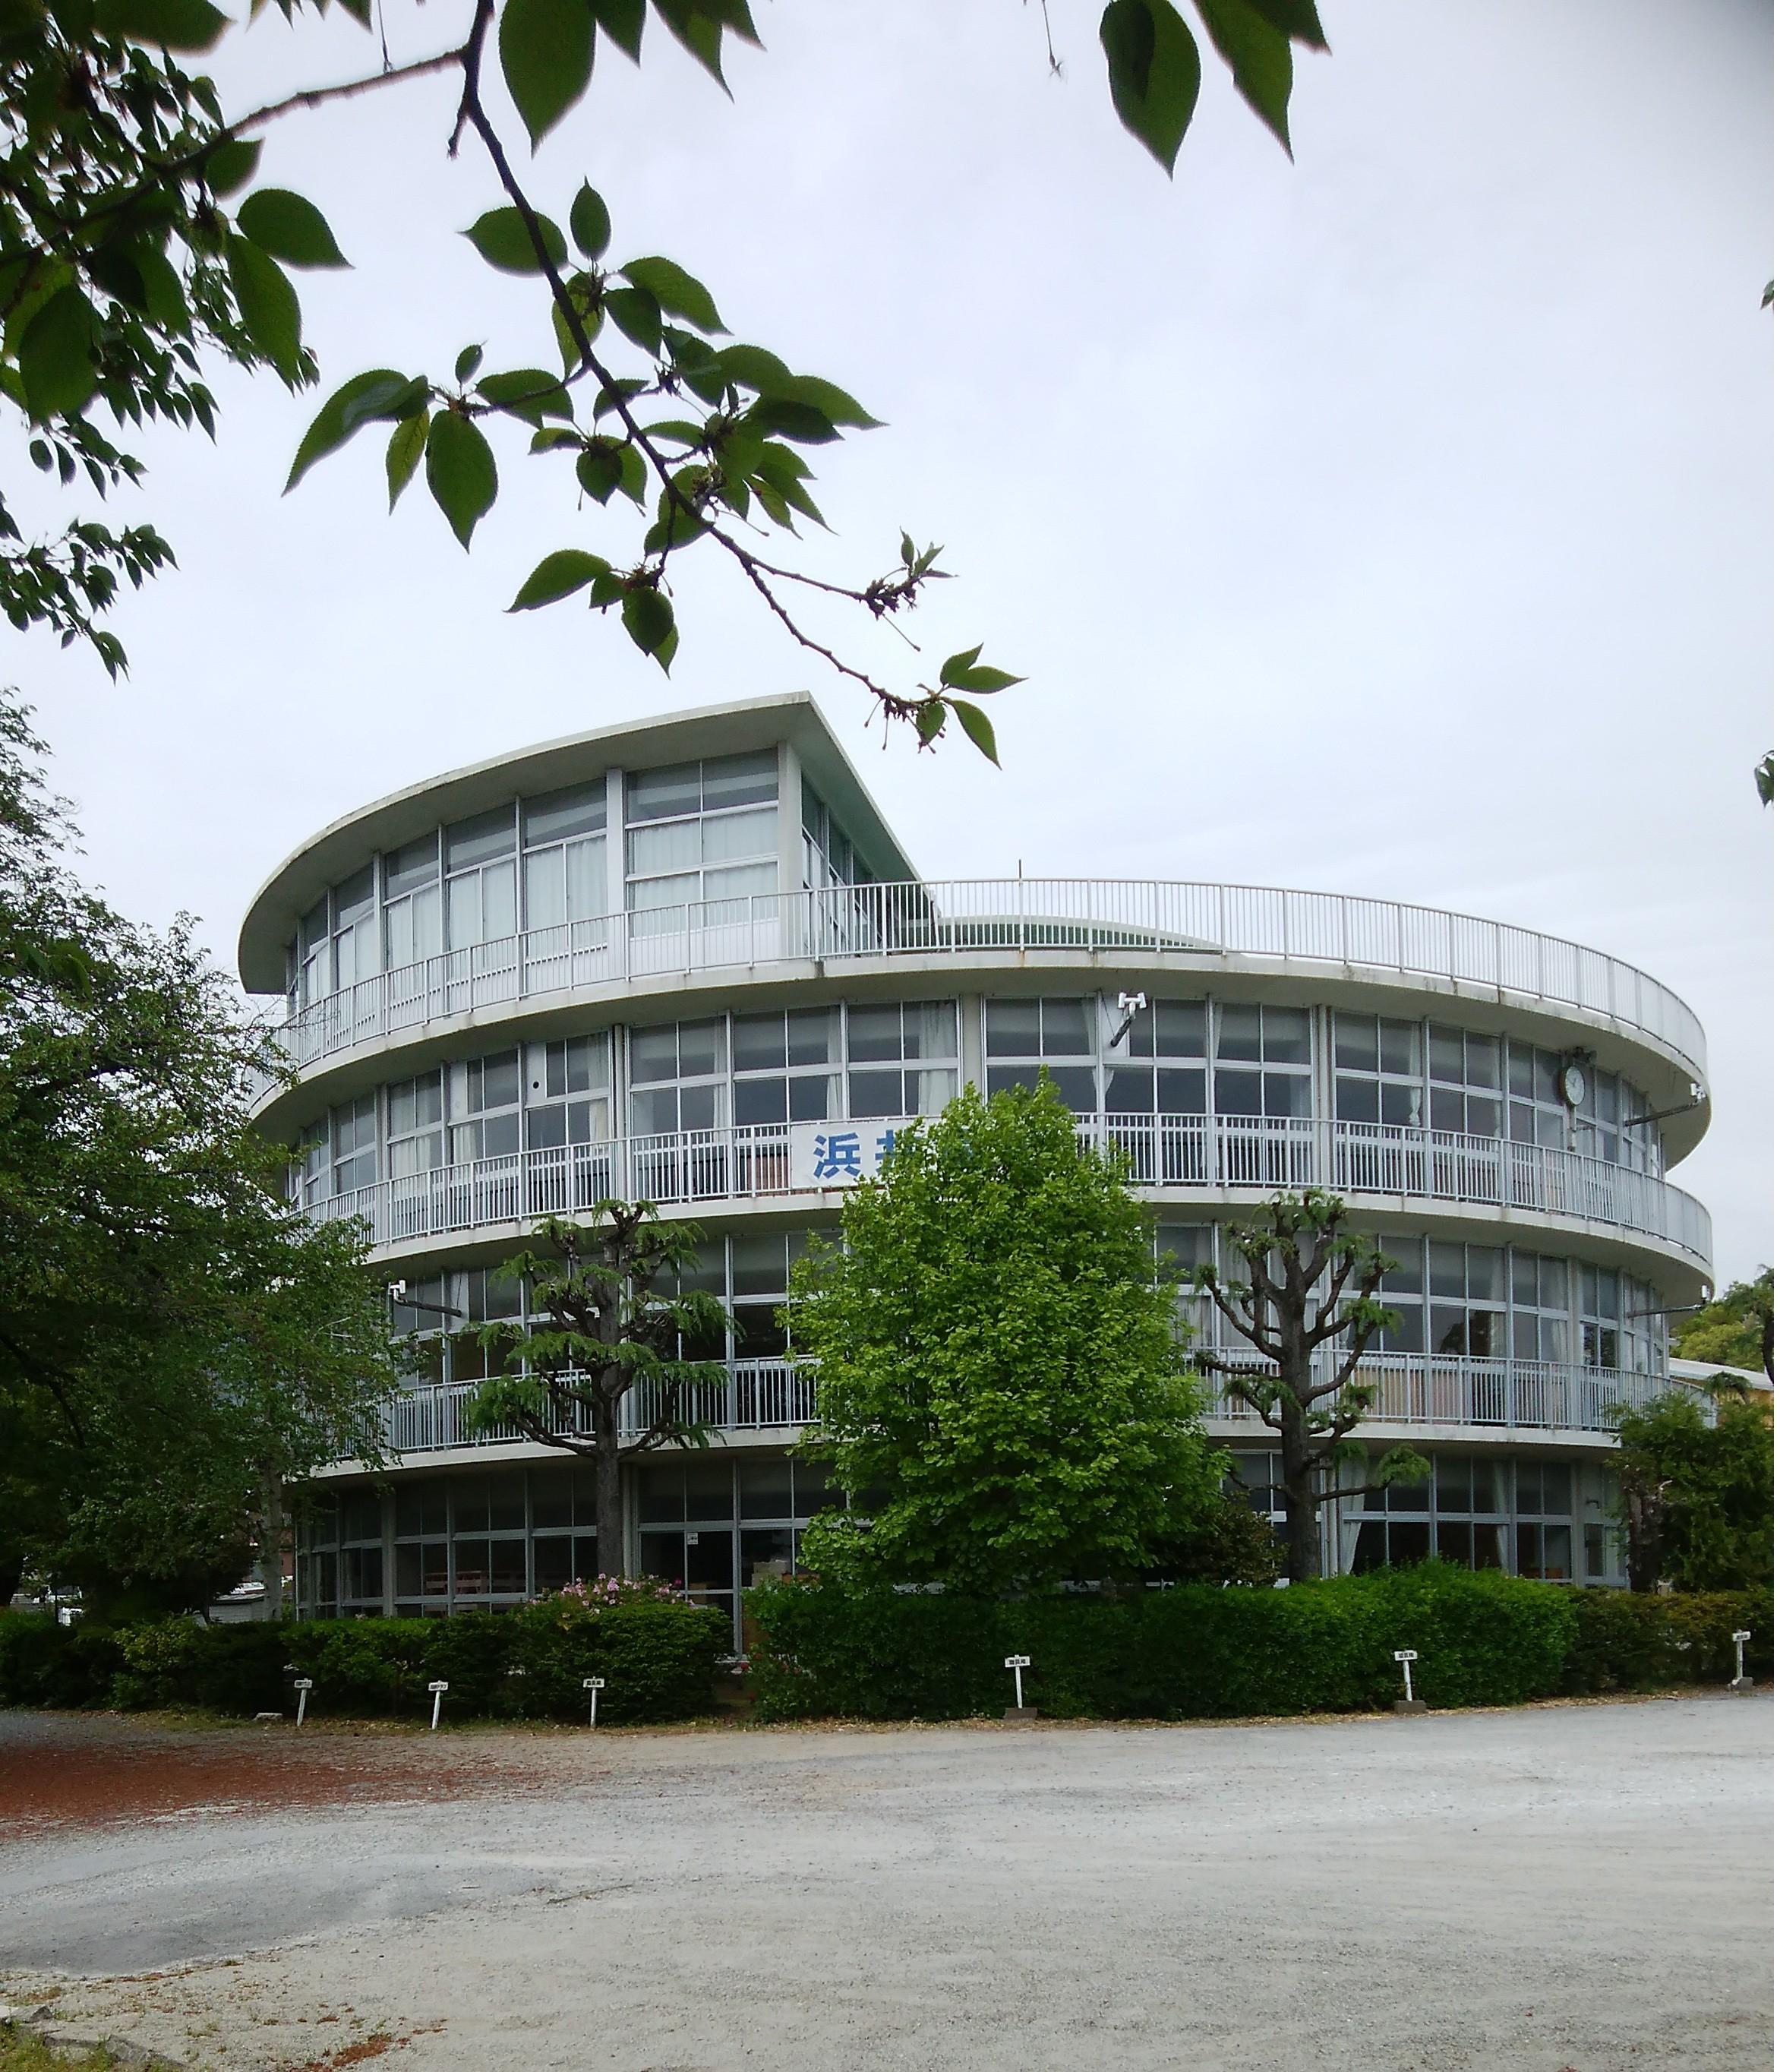 飯田市 丘の上の小学校